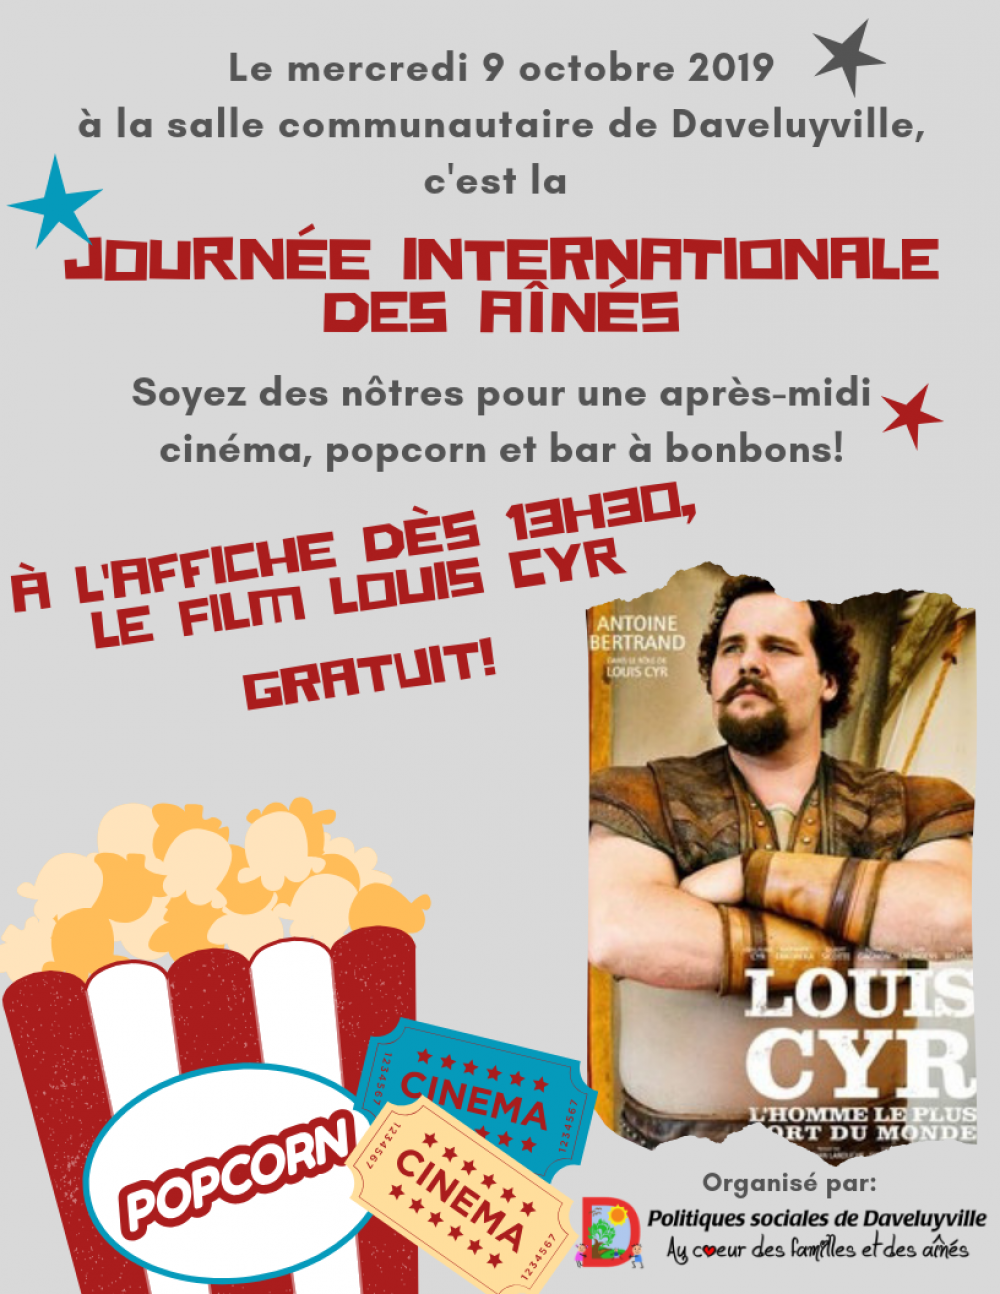 Journée internationale des aînés - Visionnement du film Louis-Cyr